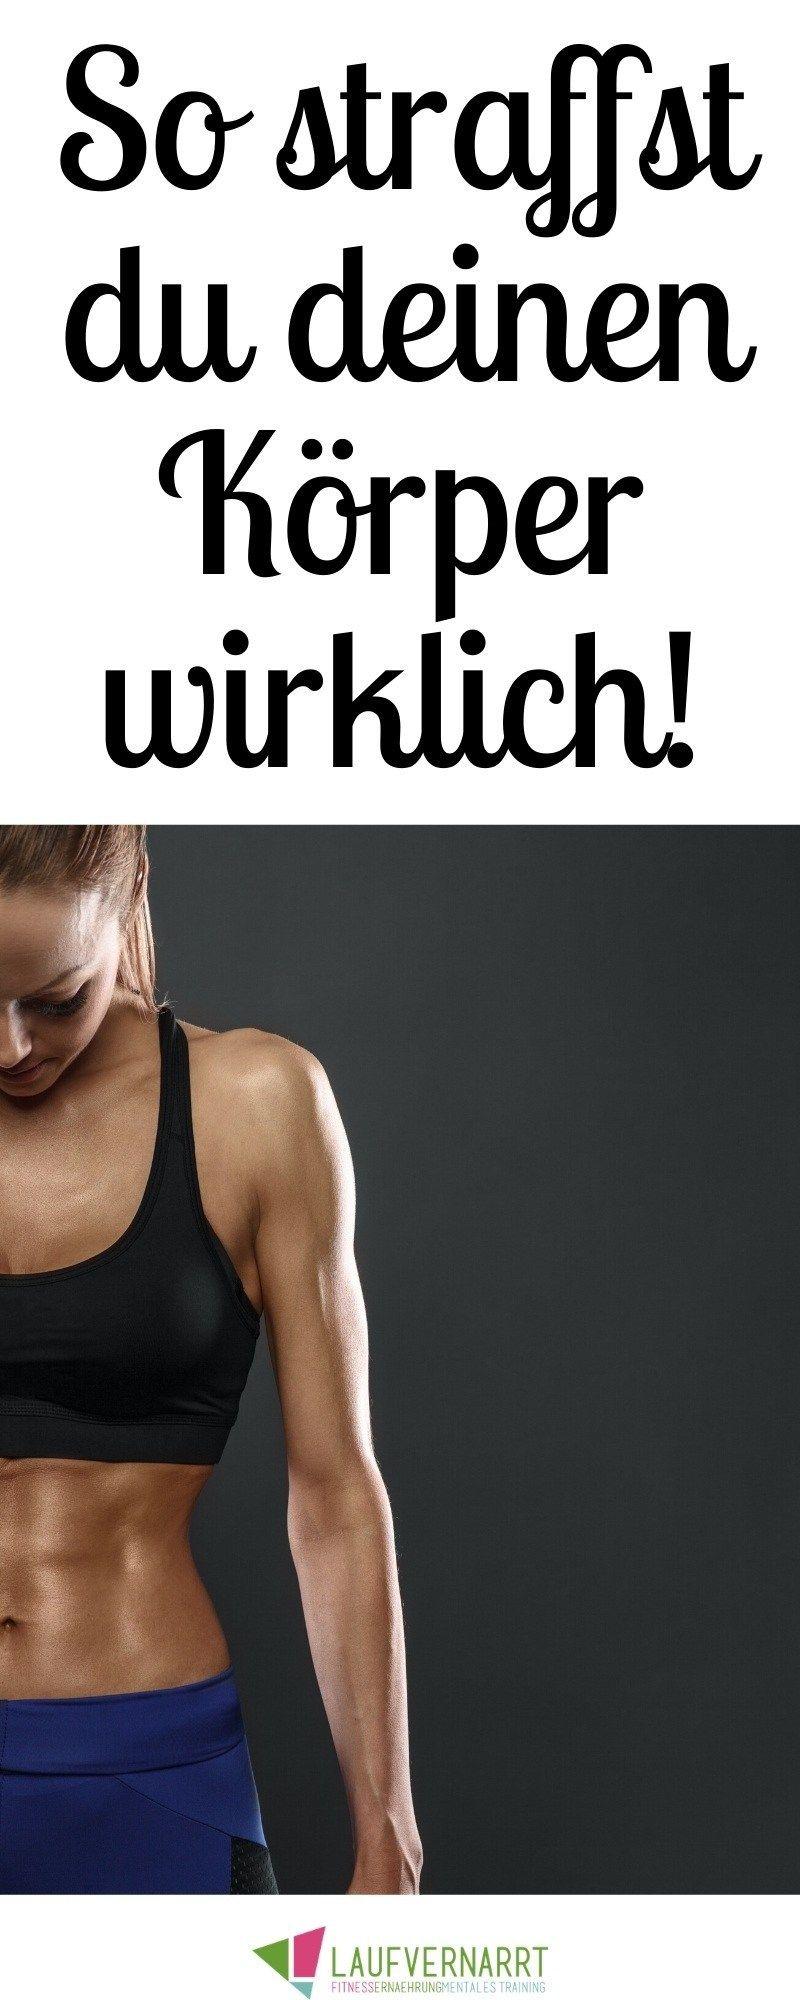 Photo of Frauen & Fitness: Mythos Körper straffen – Laufvernarrt